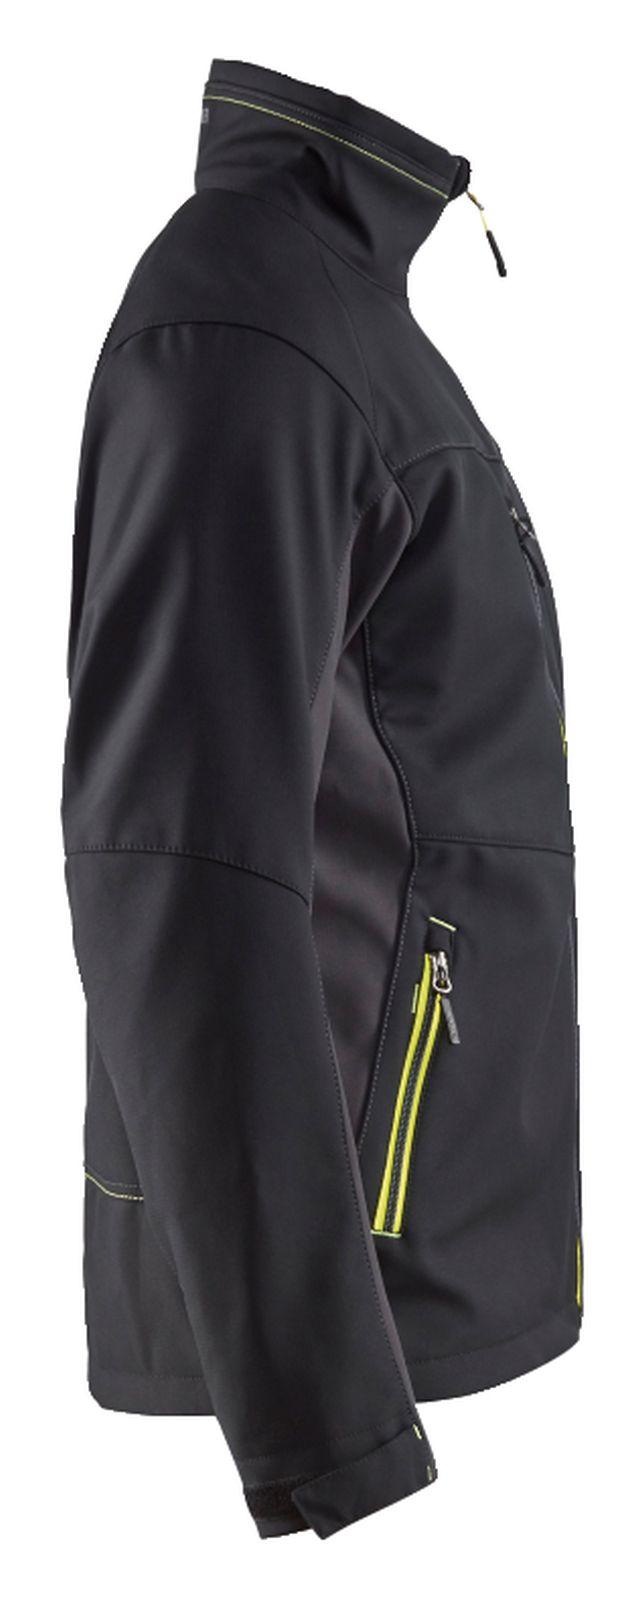 Blaklader Jassen 49502516 zwart-geel(9933)